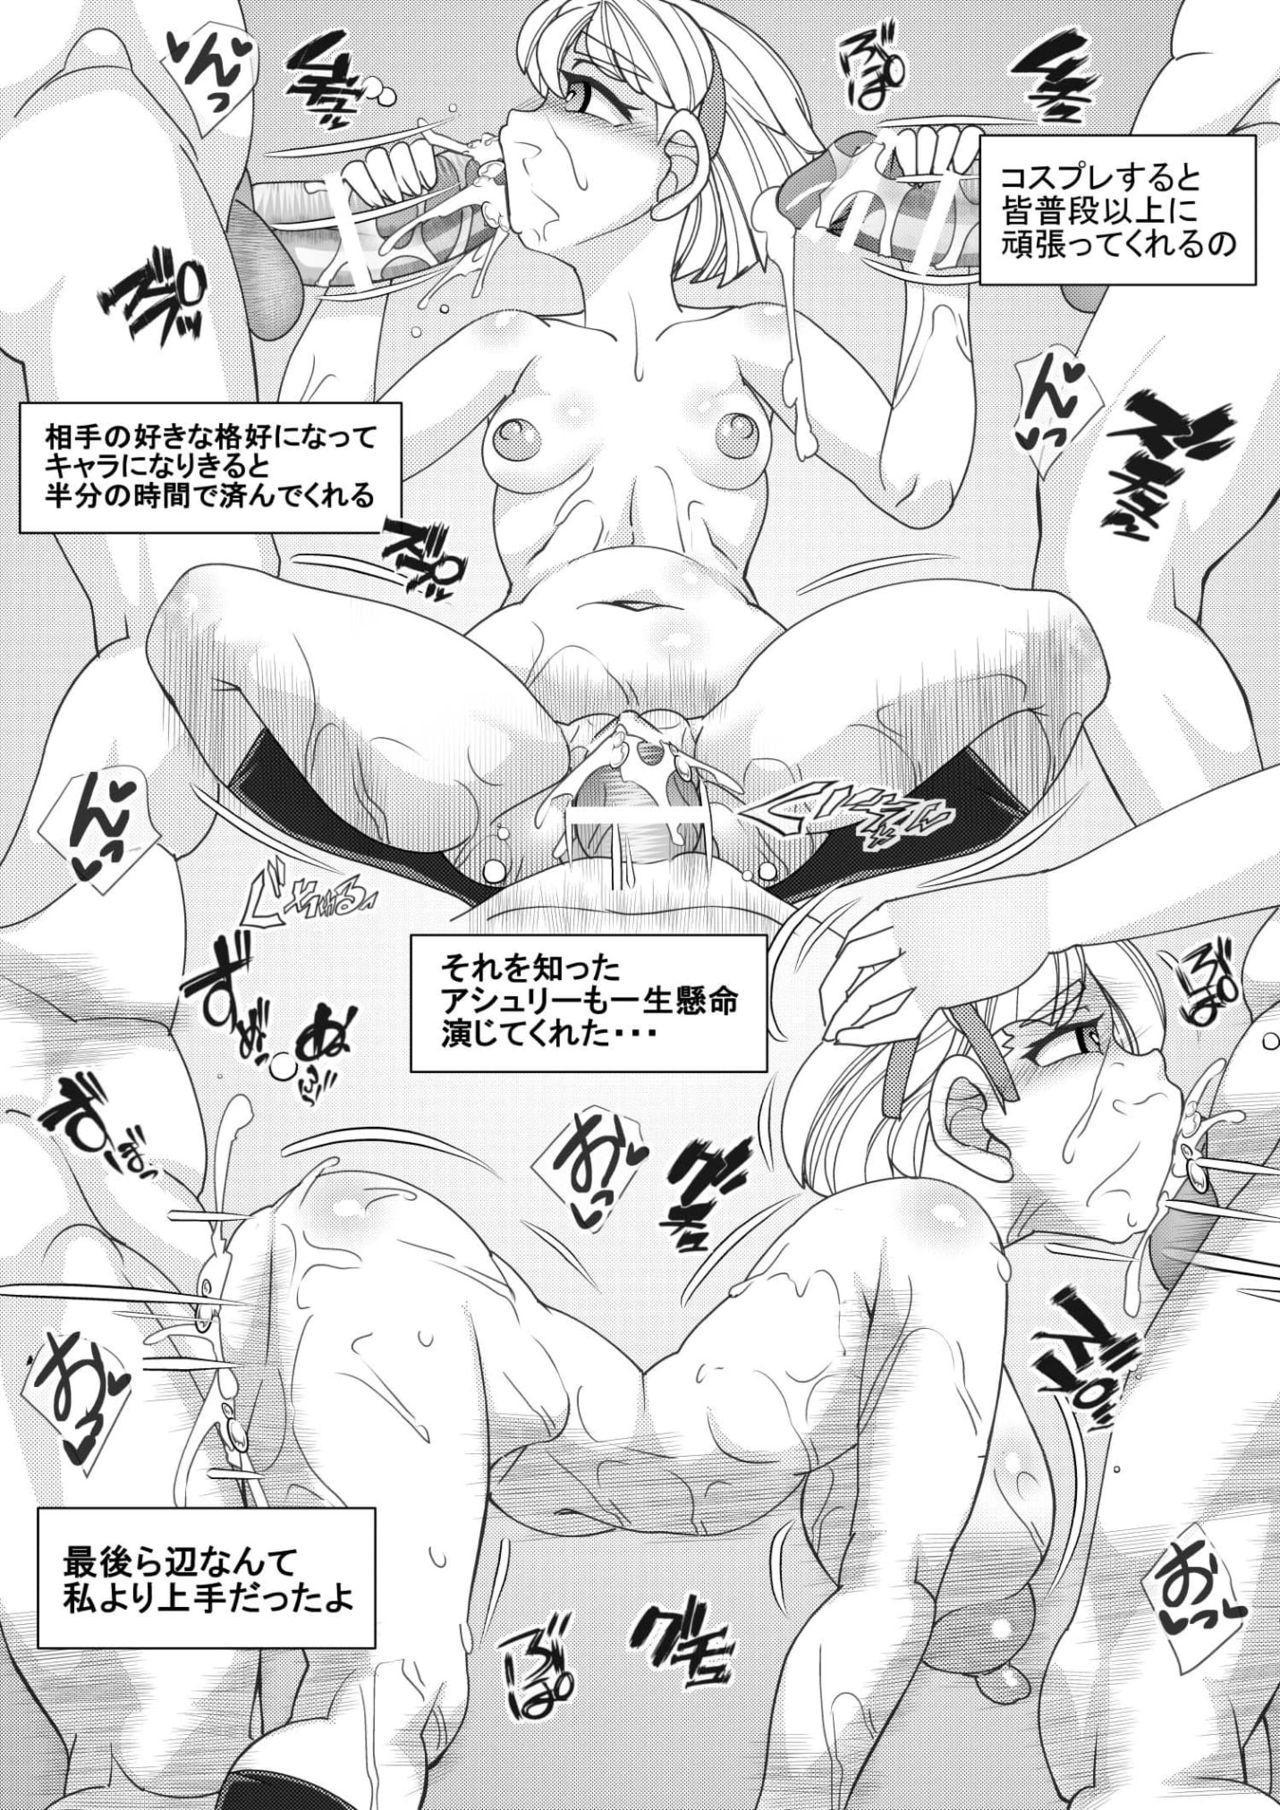 Seisyoku Saigai 4 26